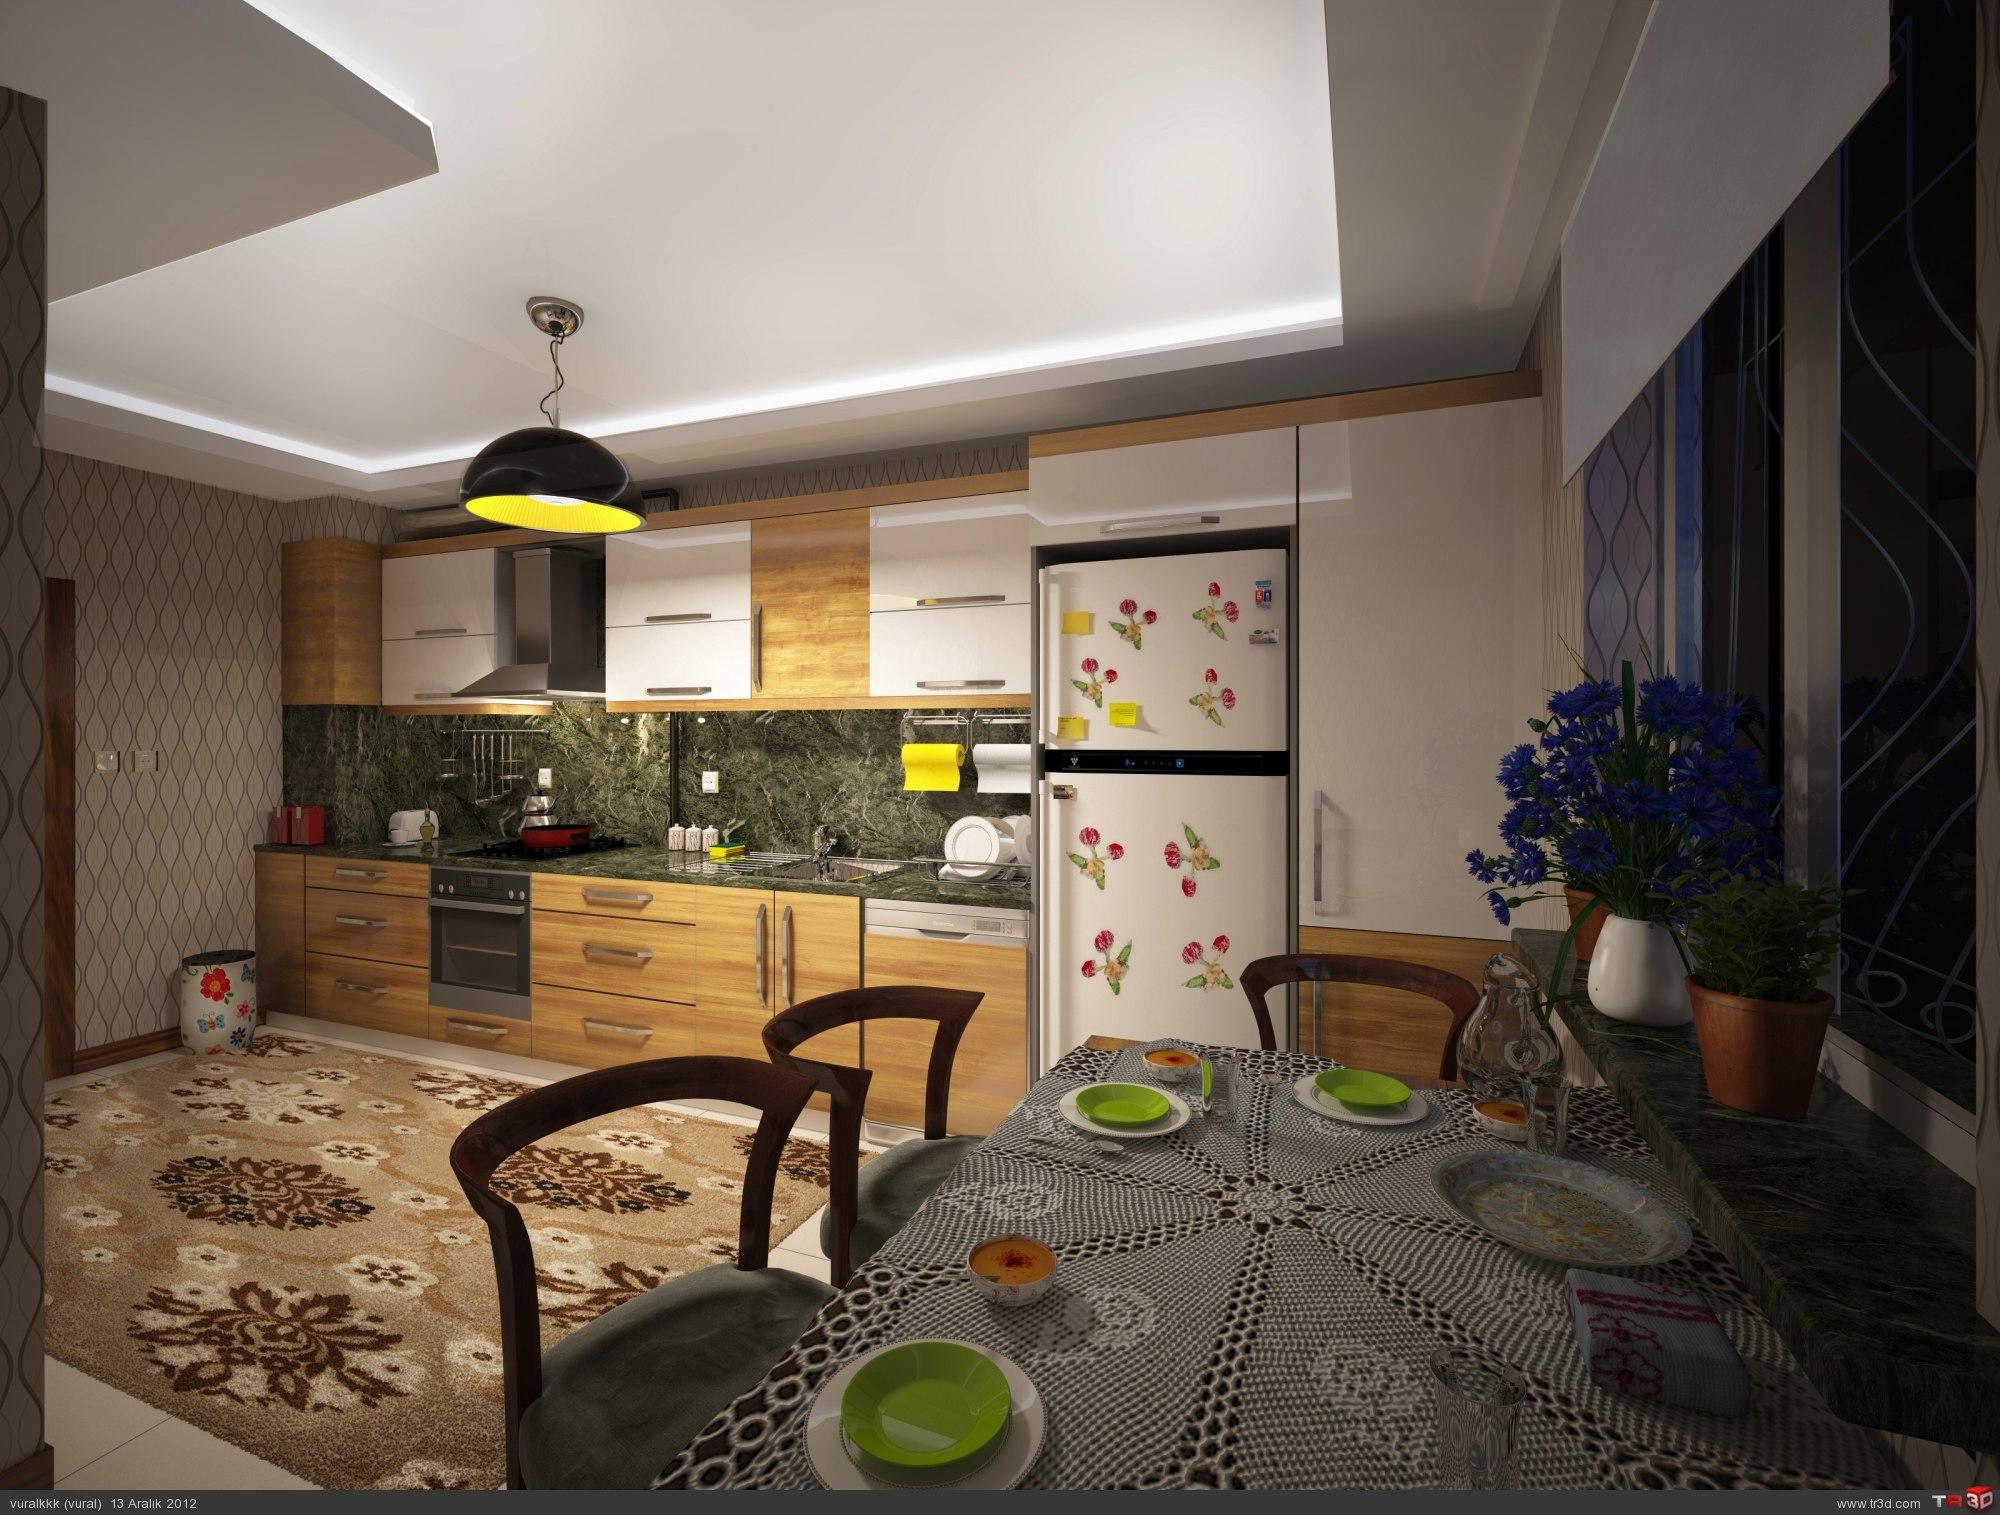 Turkish Mutfak gece ve gündüz render 1